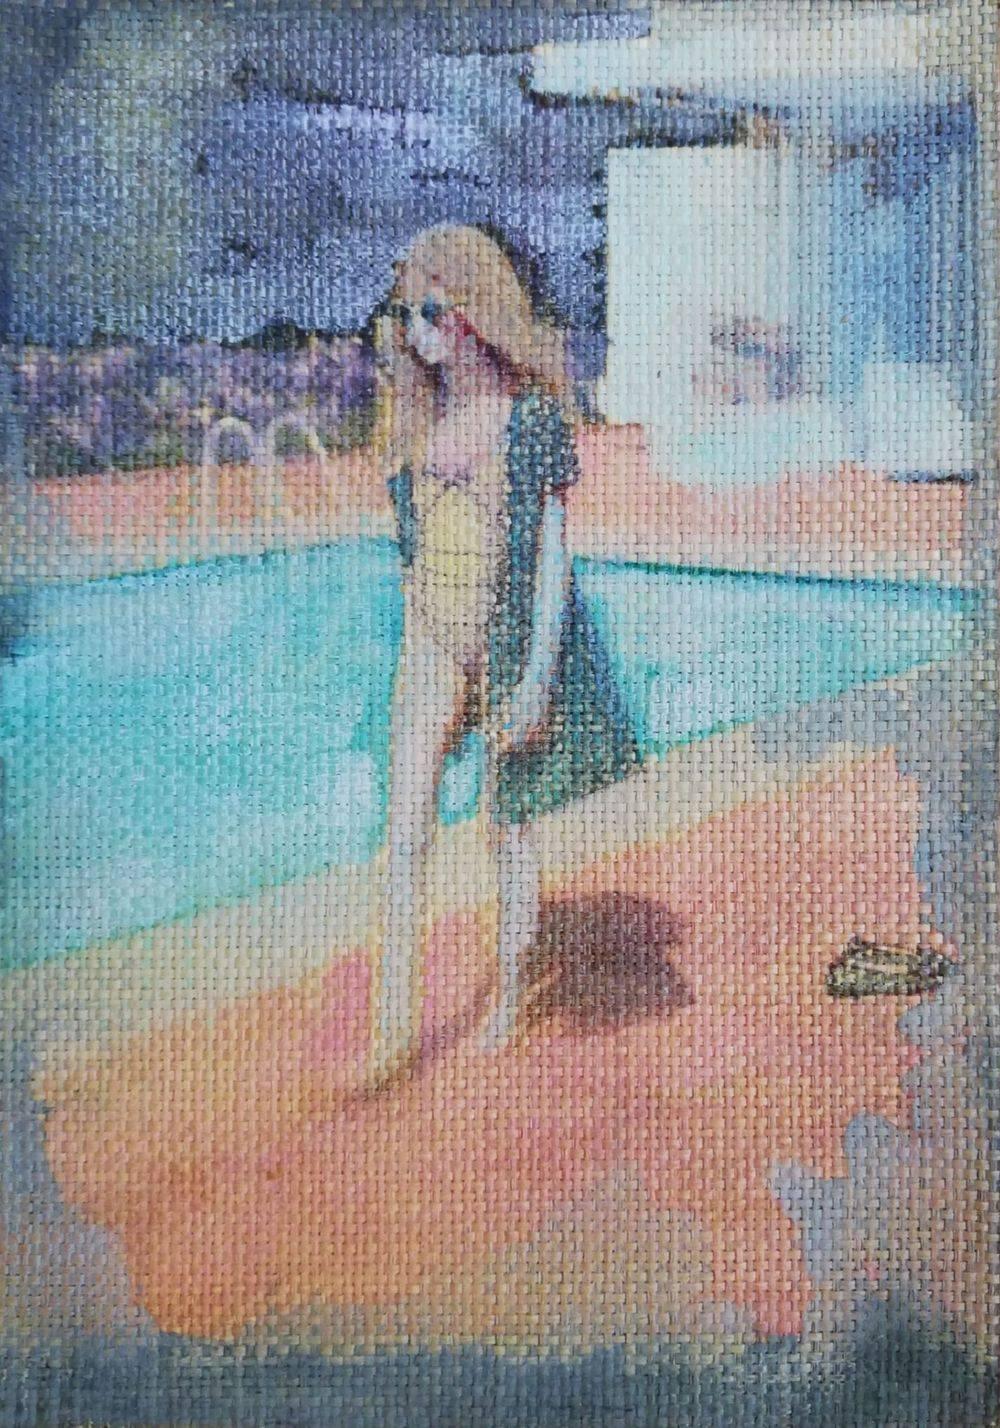 Aquarelle, Enfance, Histoire de l'art